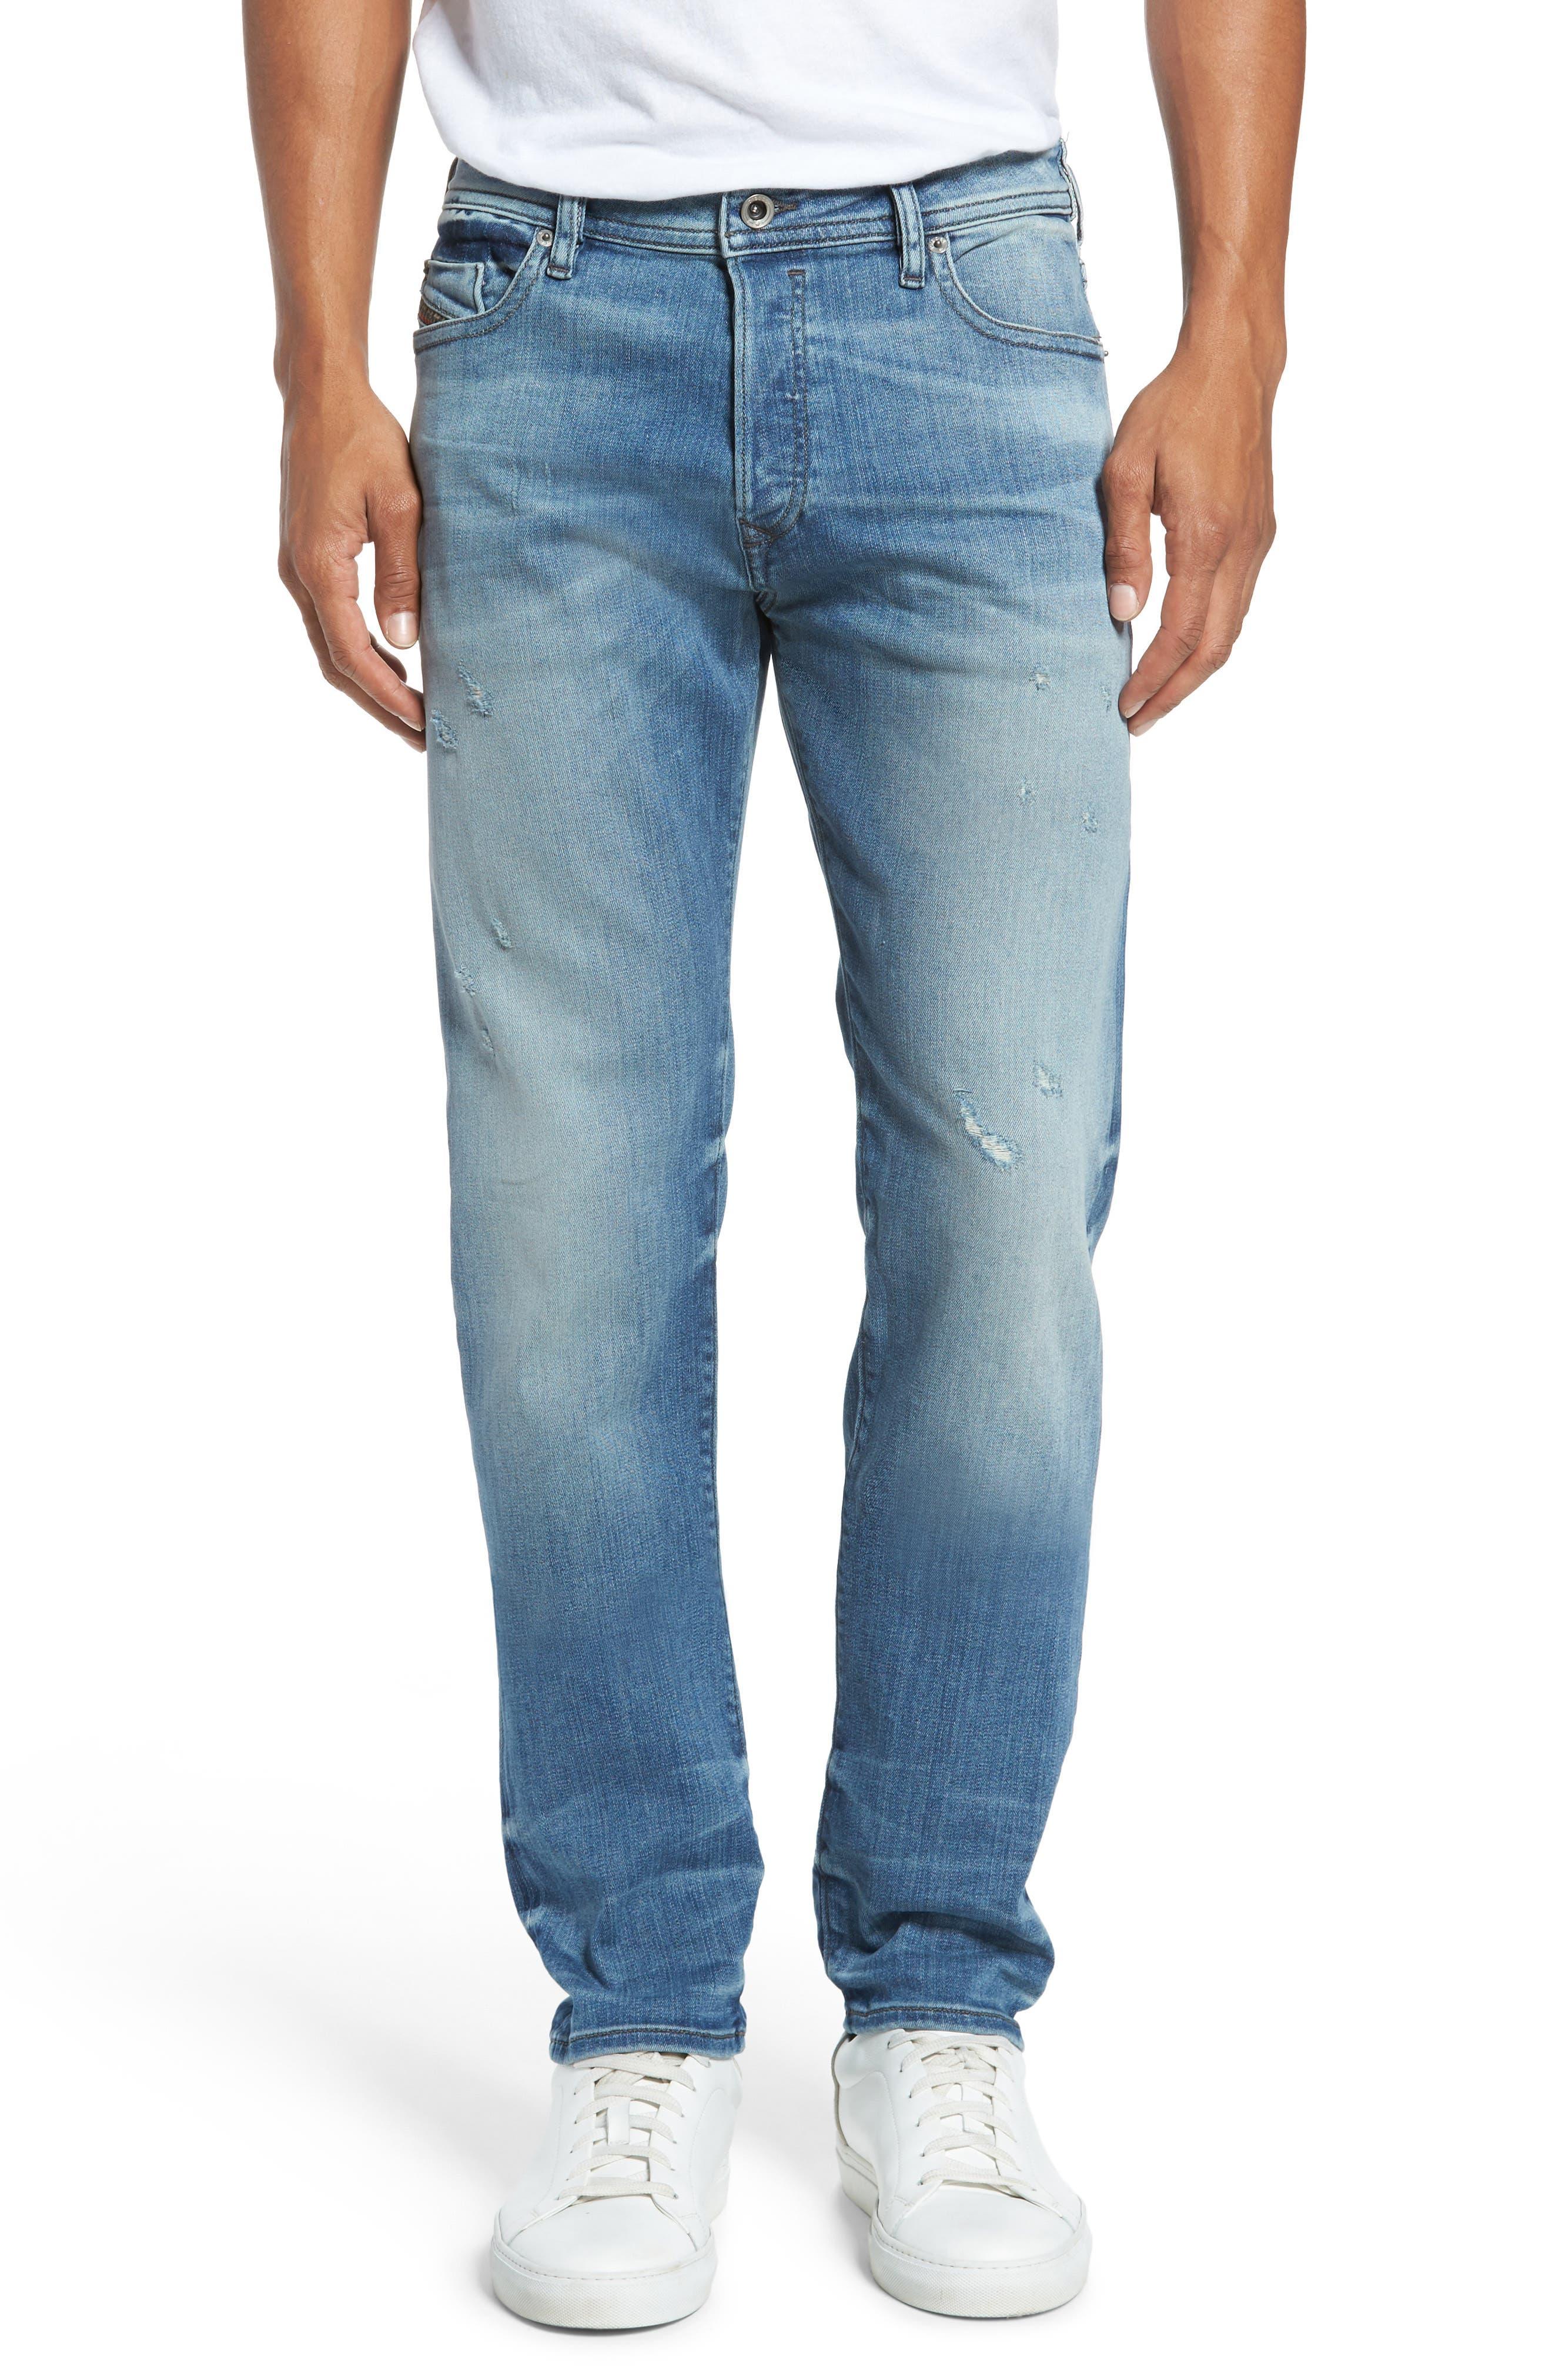 Alternate Image 1 Selected - DIESEL® 'Buster' Slim Straight Fit Jeans (Denim)